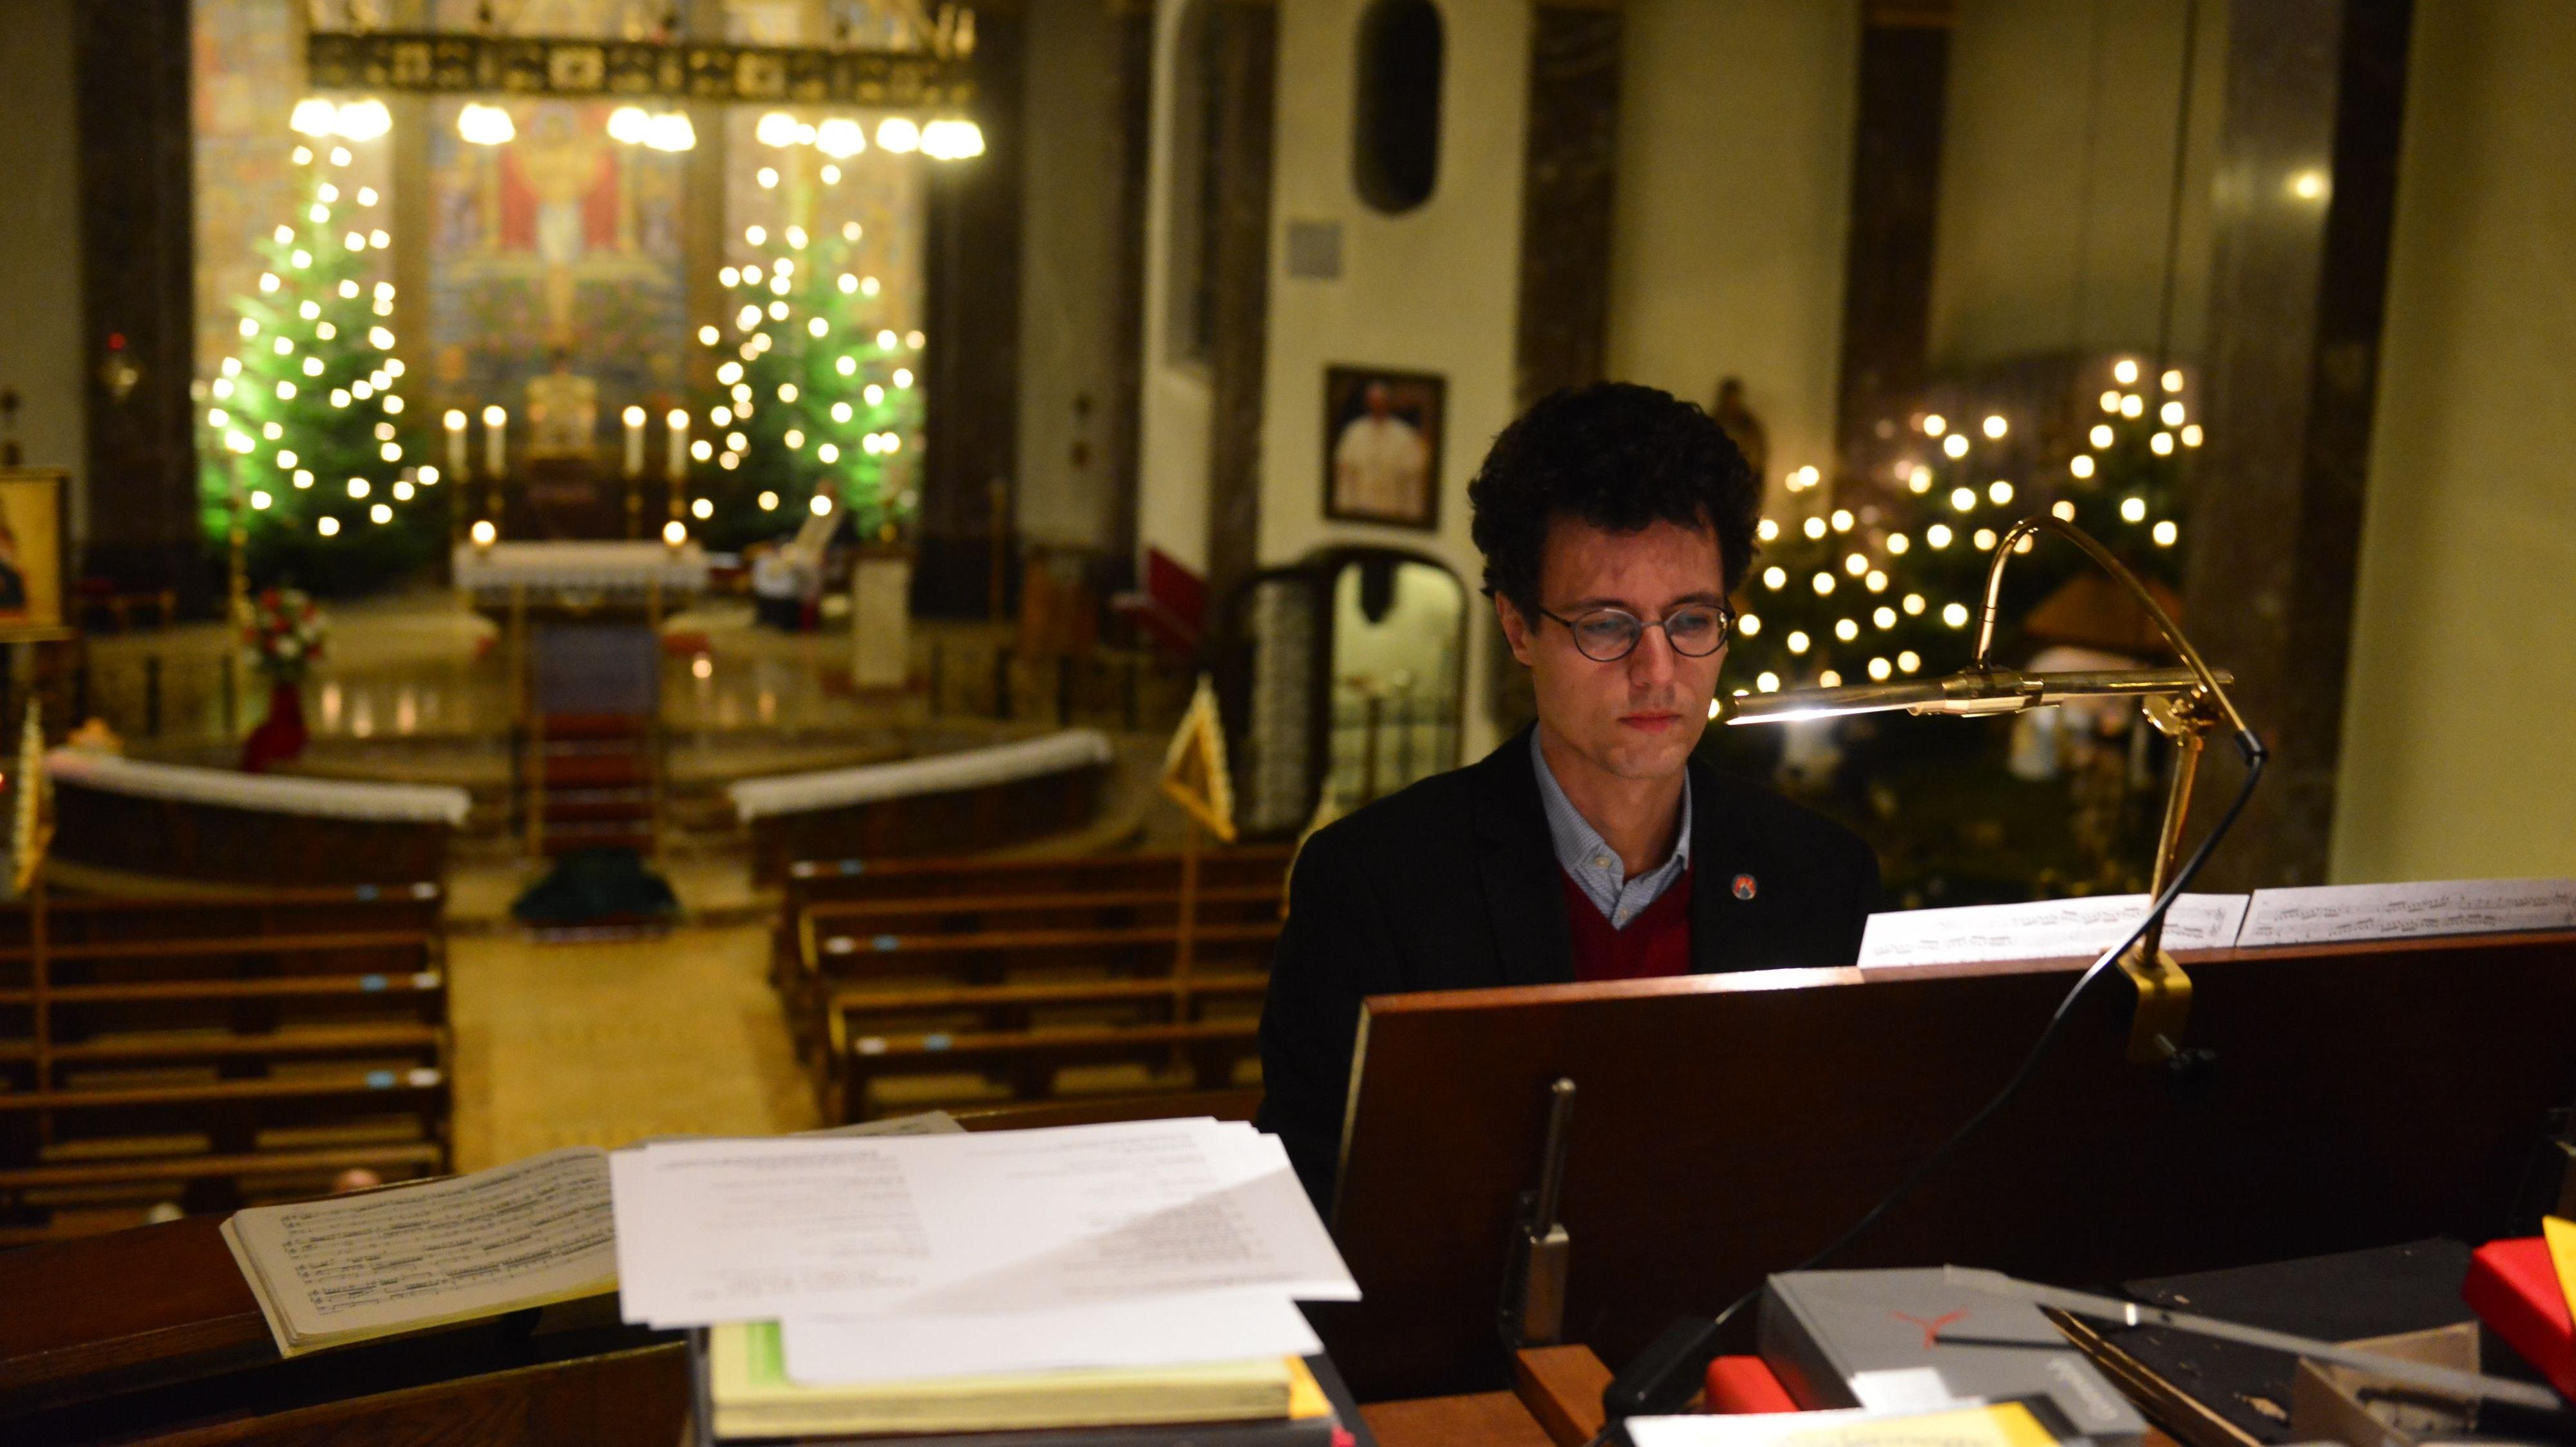 Orgelklänge in weihnachtlicher Basilika: Christian Kienel sorgte für die musikalische Begleitung der Andacht.   Foto: Heidkamp